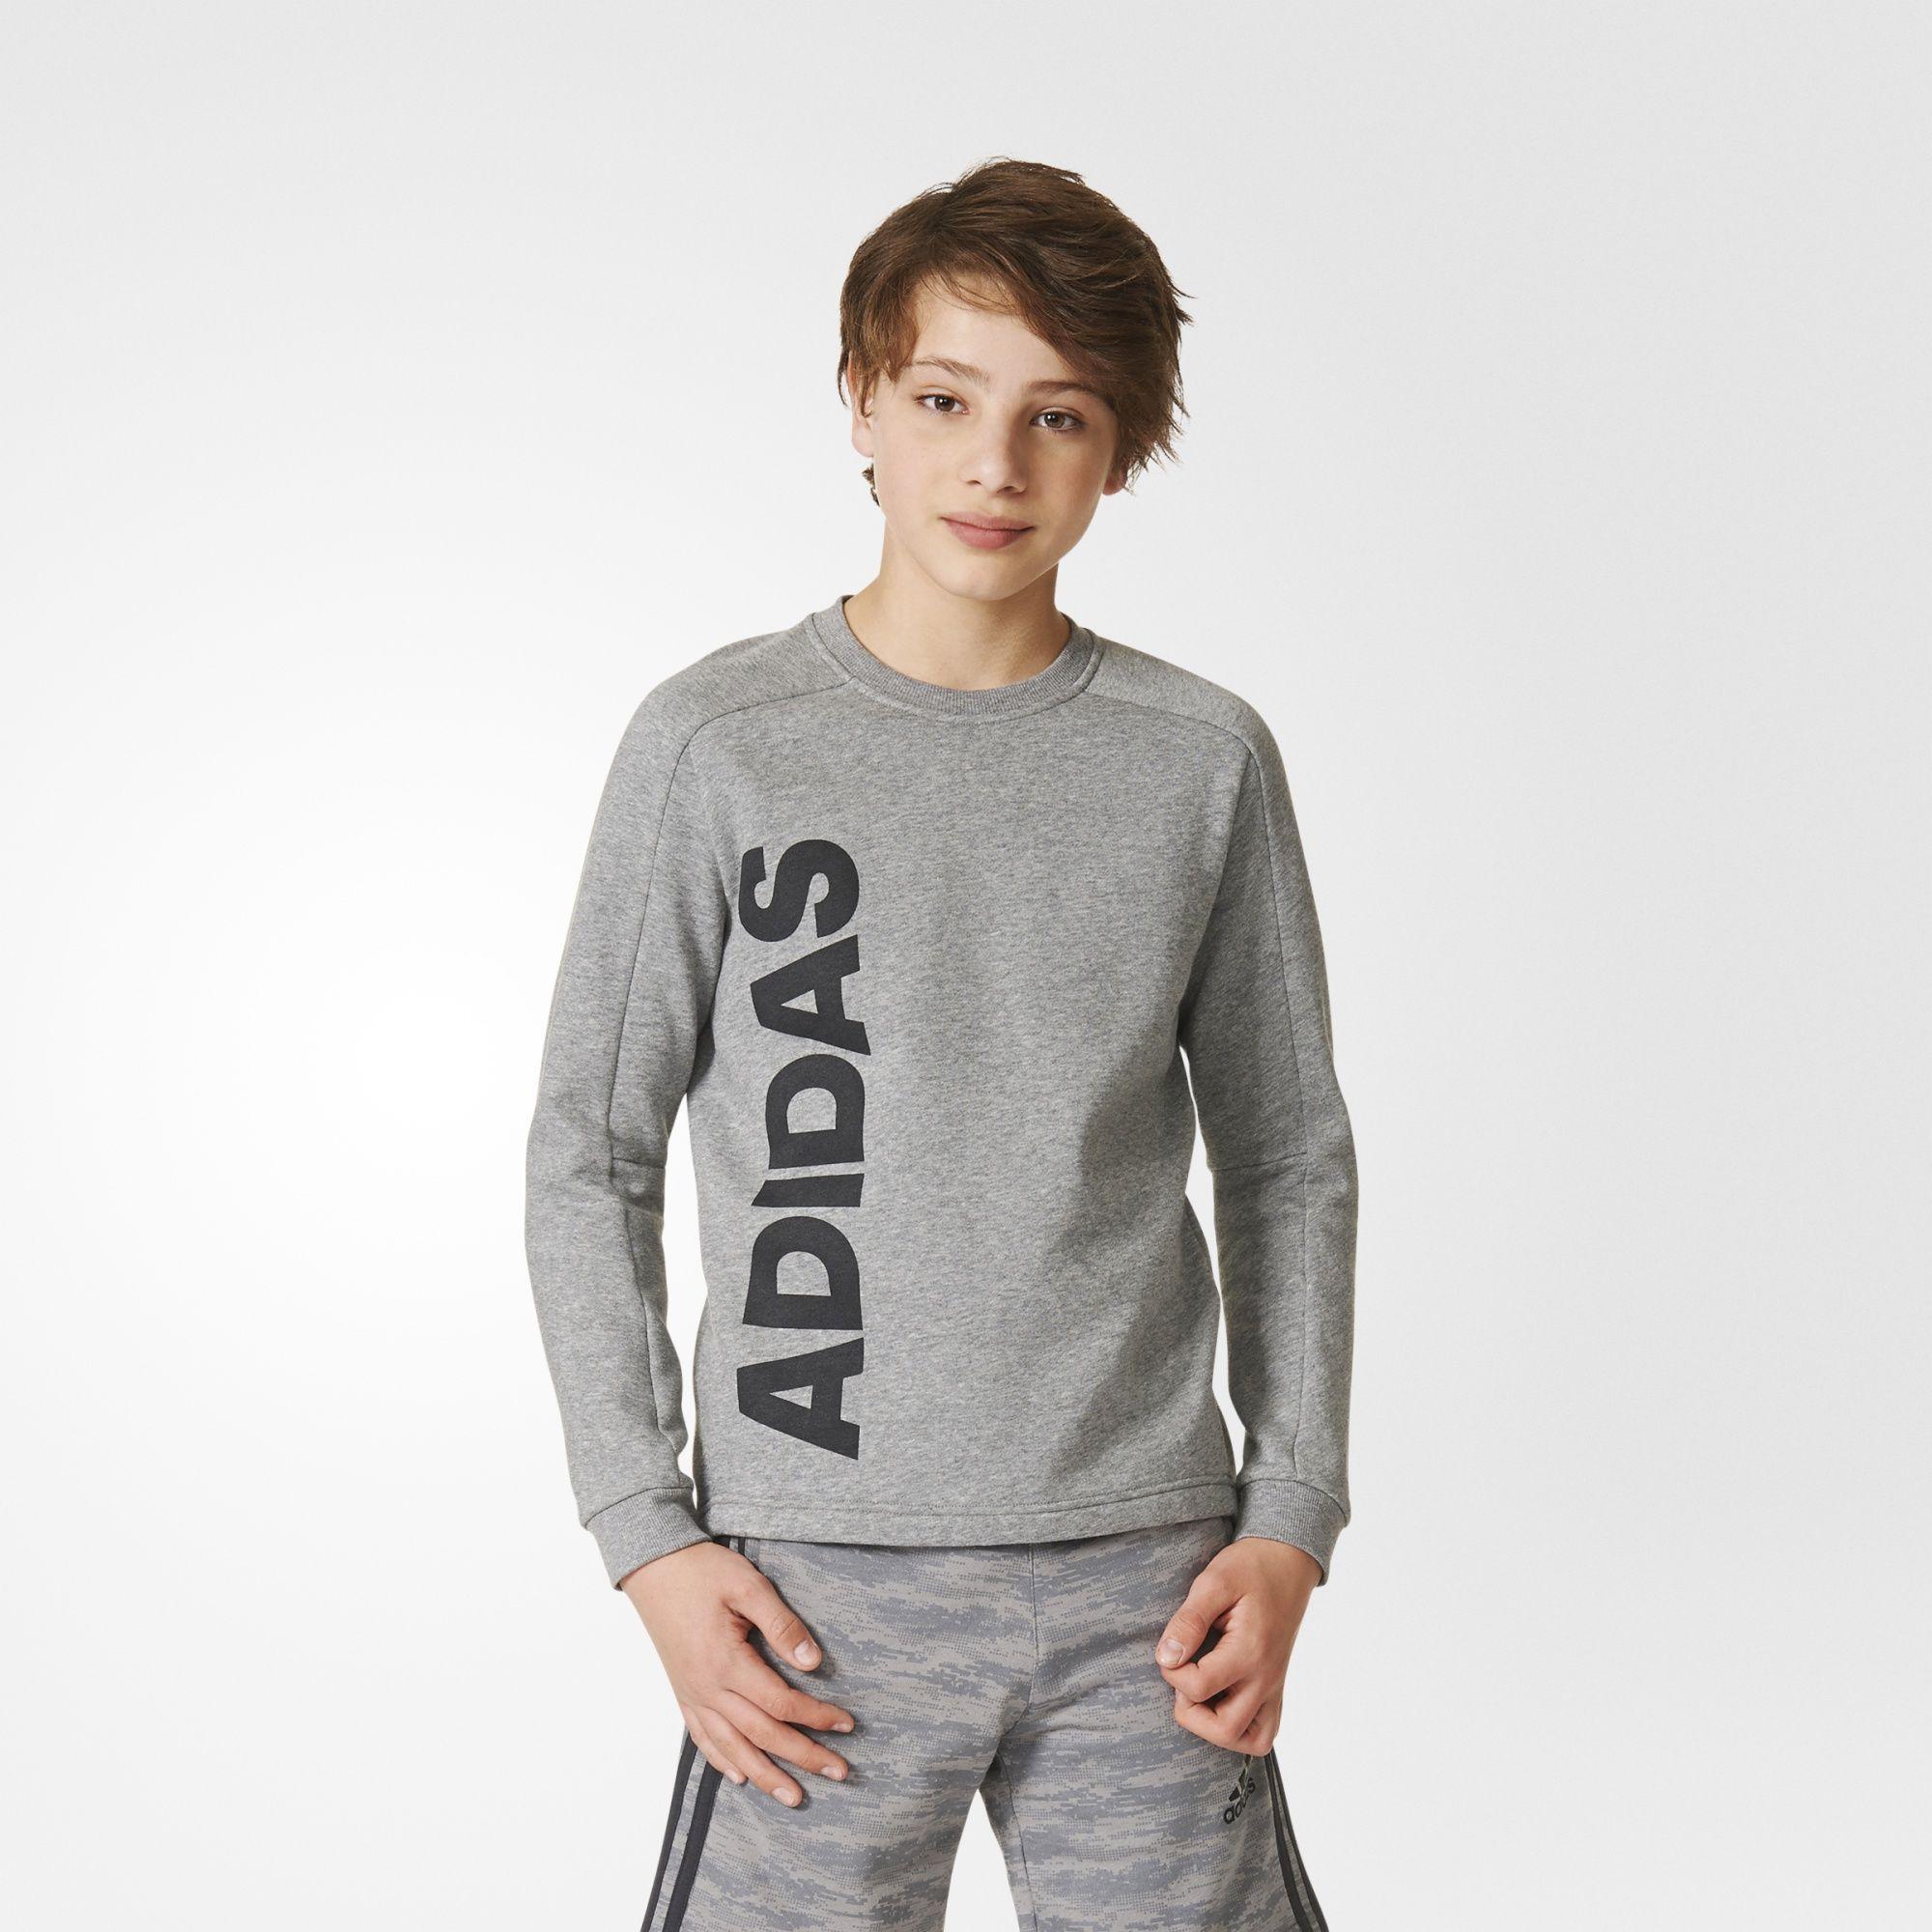 Kinder ID Crewneck Sweatshirt